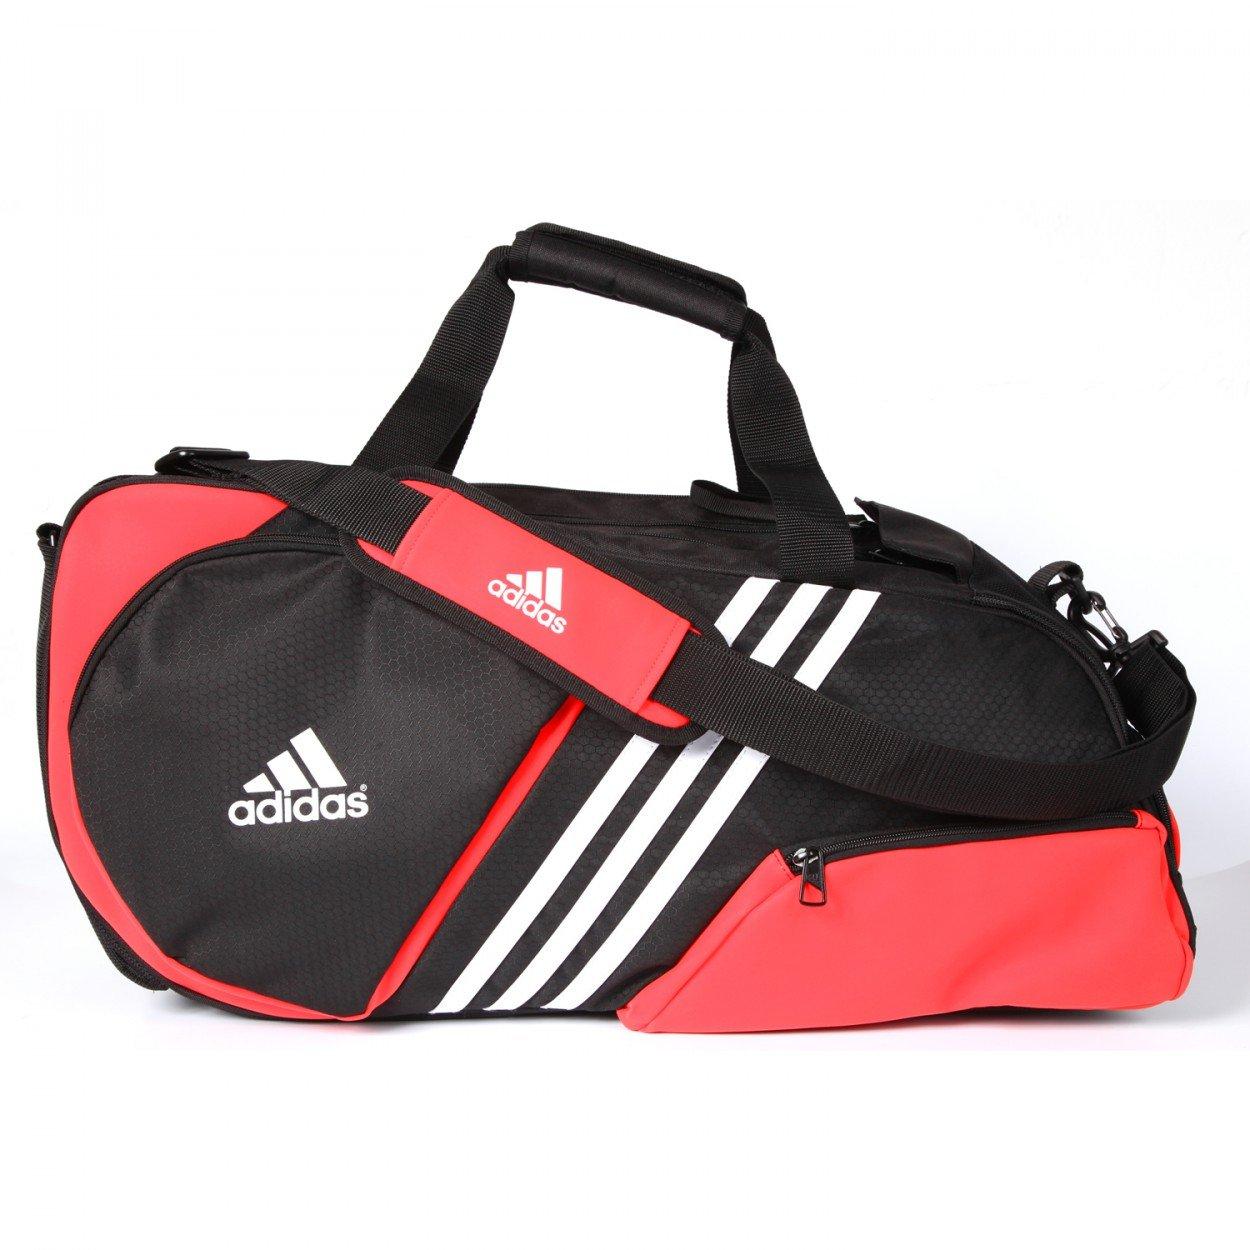 adidas - Paletero Racket Bag Tour: Amazon.es: Deportes y ...